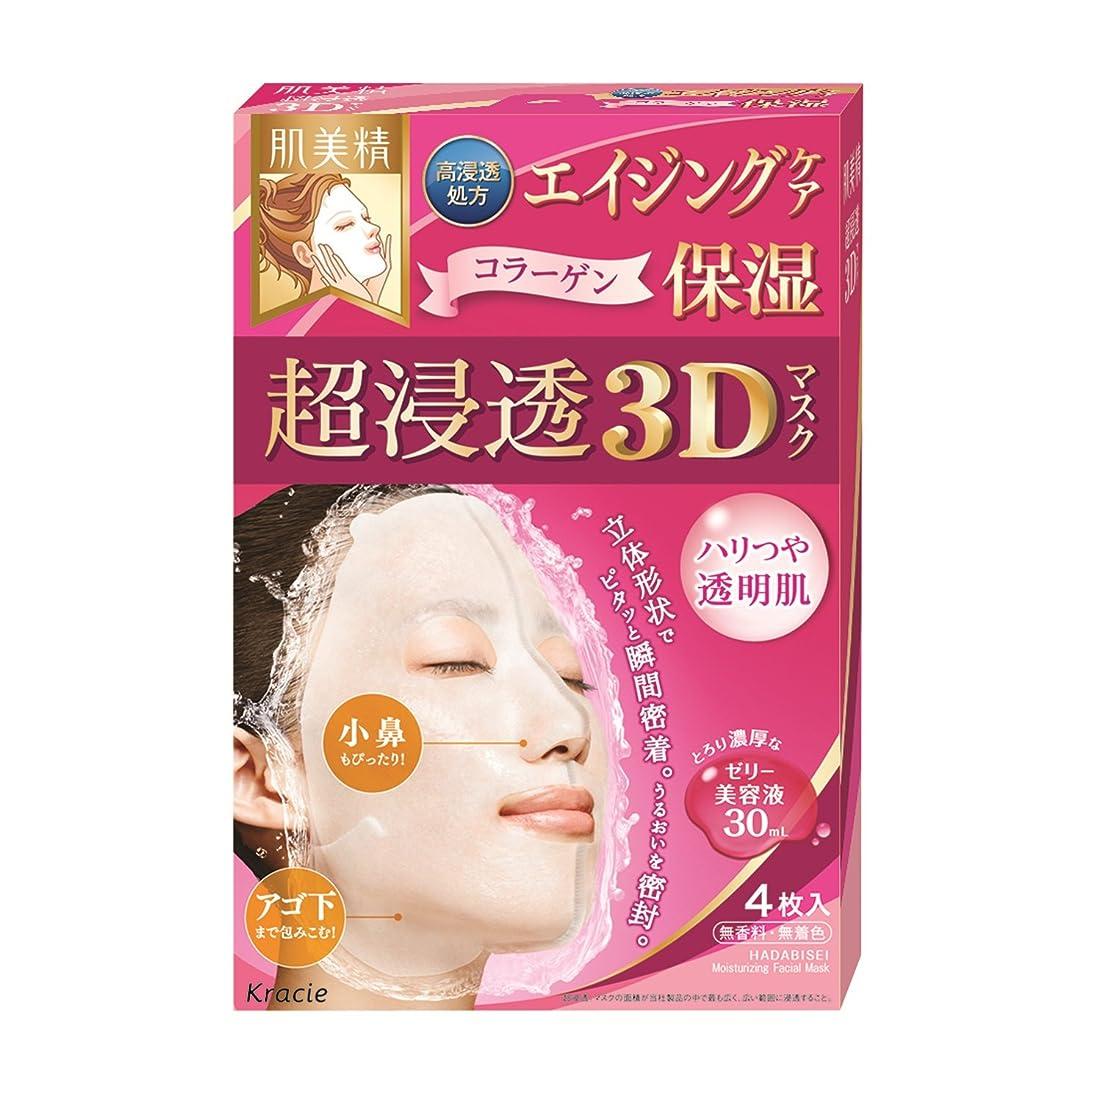 符号広告ラフ睡眠肌美精 超浸透3Dマスク (エイジング保湿) 4枚